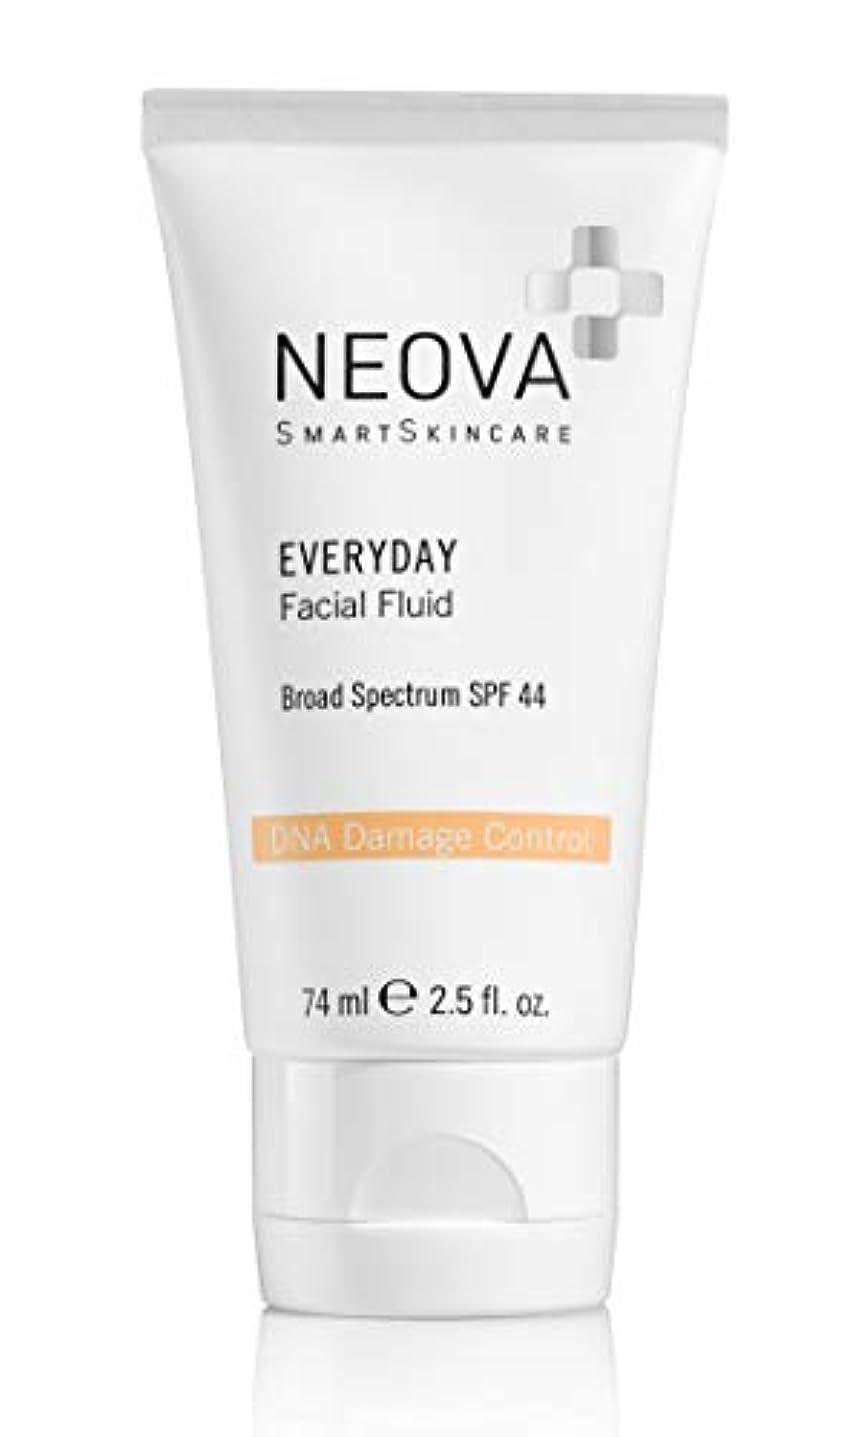 モバイル悪性暗黙Neova DNA Damage Control Everyday for the Face SPF 44 74 ml 2.5 oz